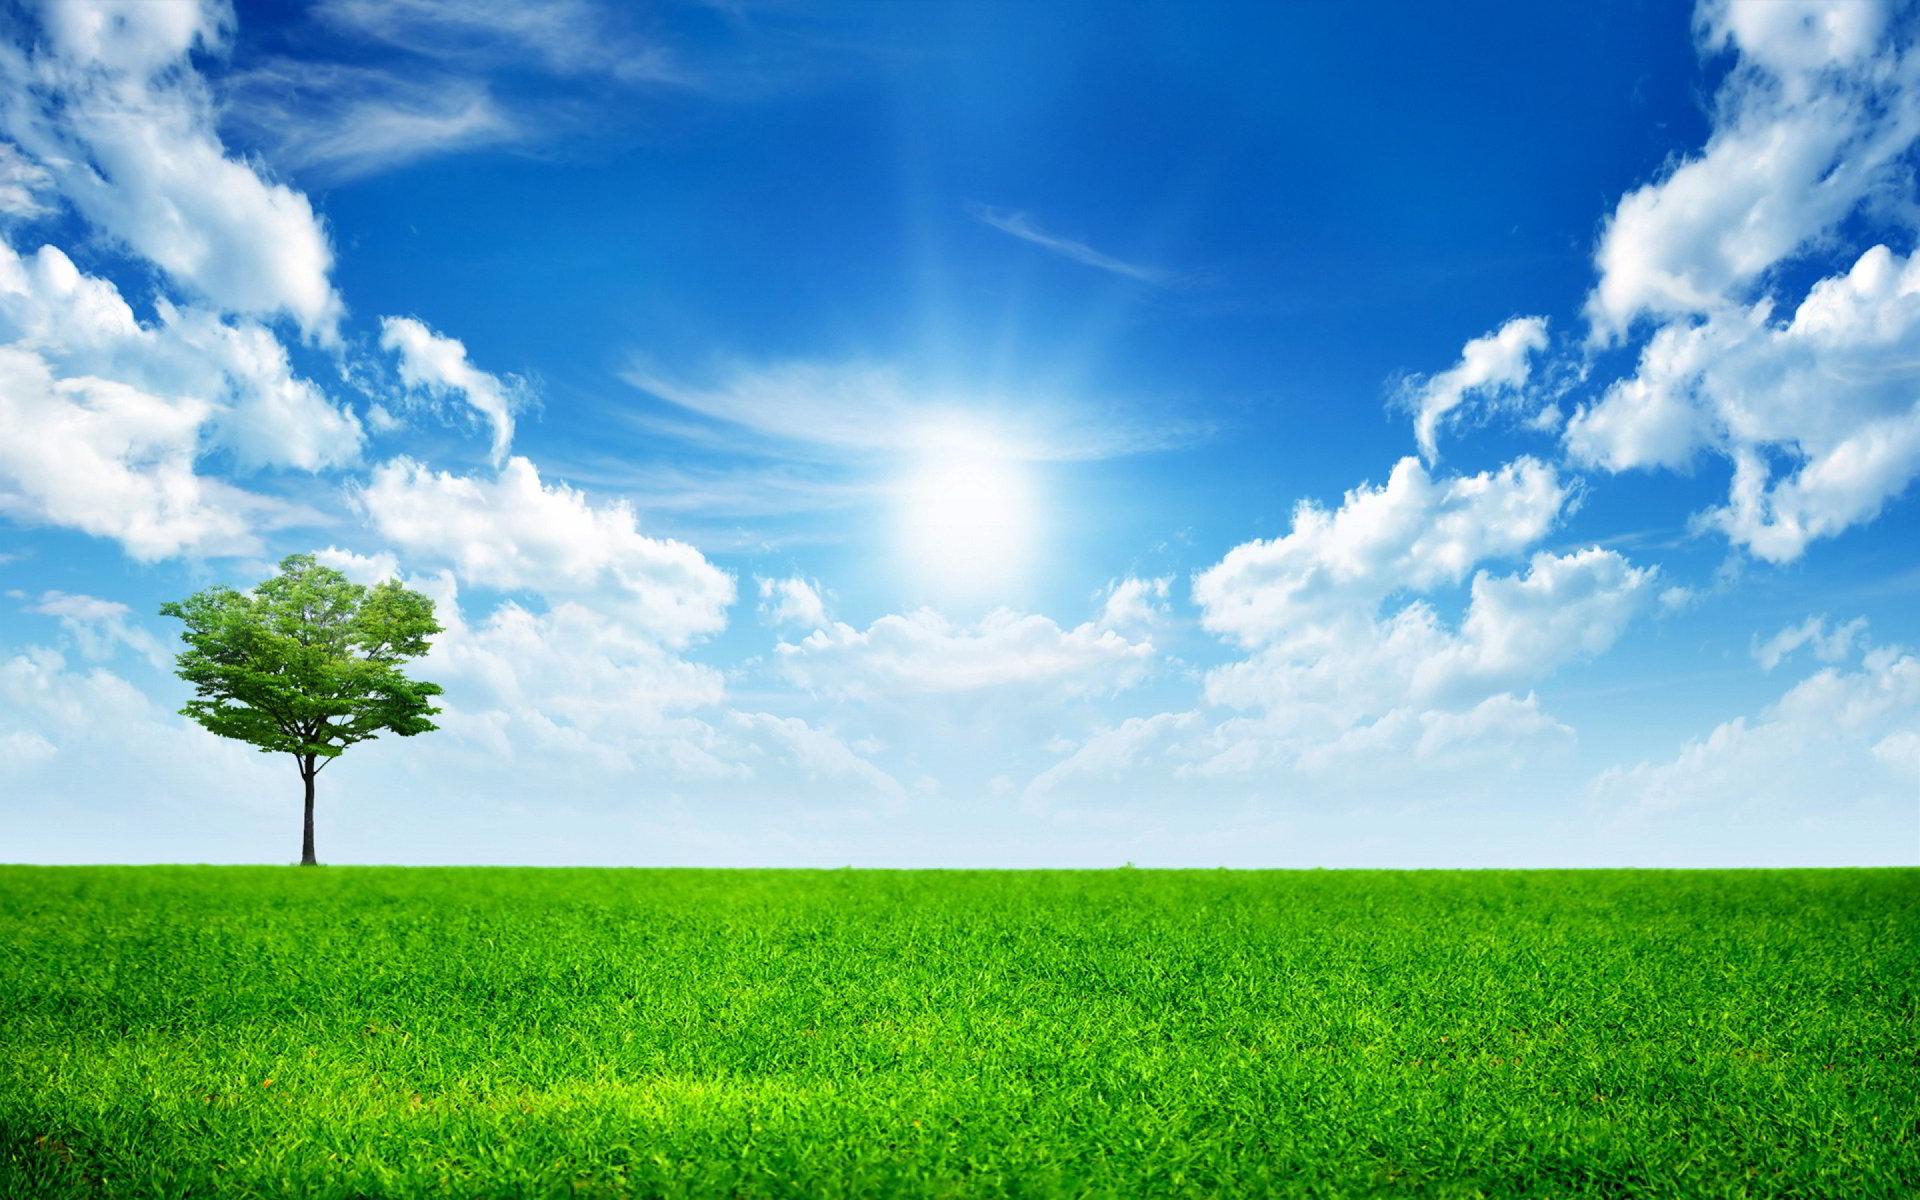 hình ảnh bầu trời xanh đẹp